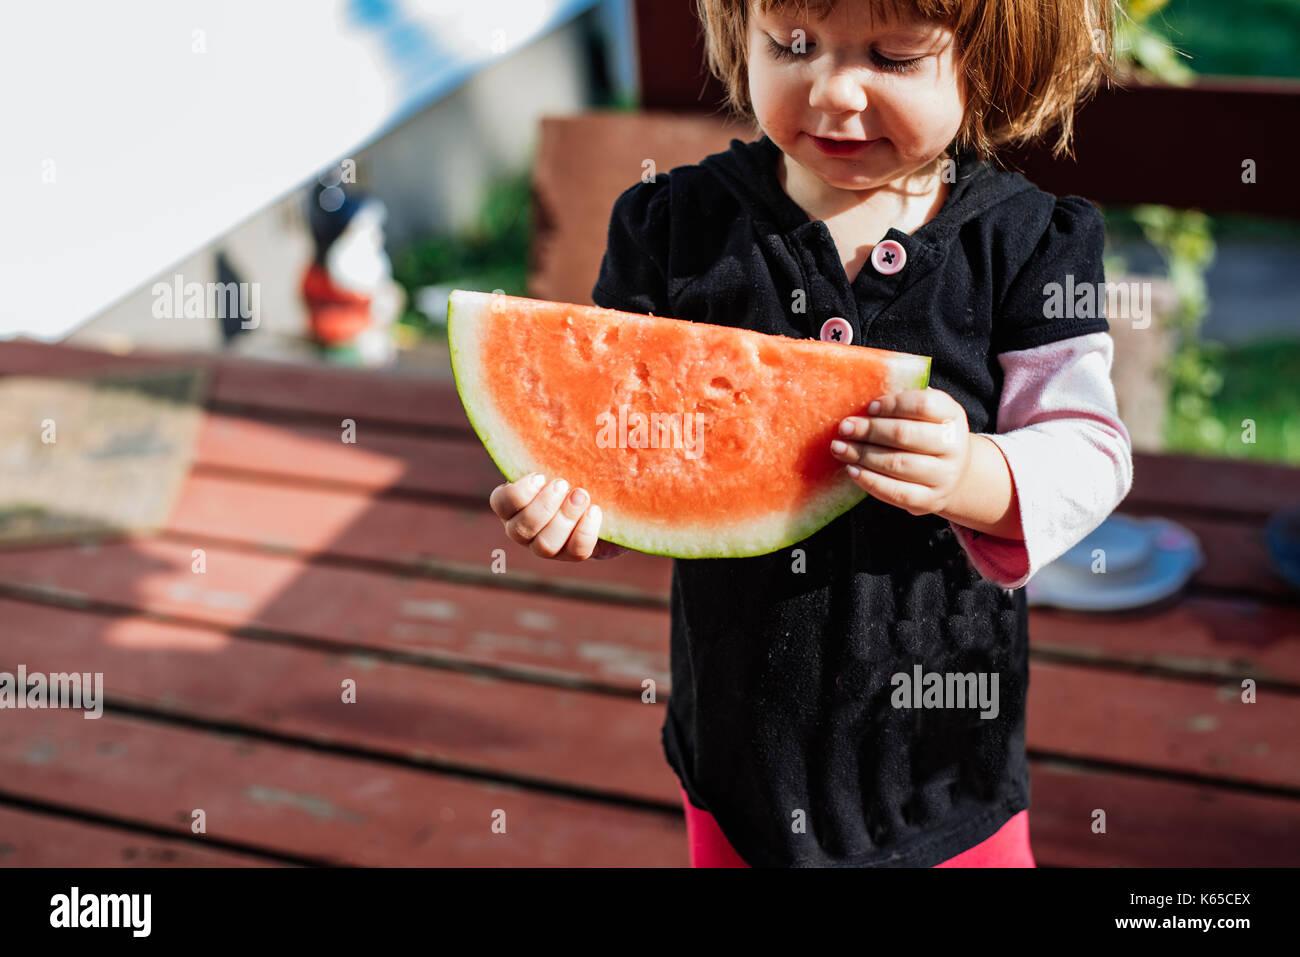 Una niña sostiene una rebanada de sandía en un día caluroso de verano. Imagen De Stock